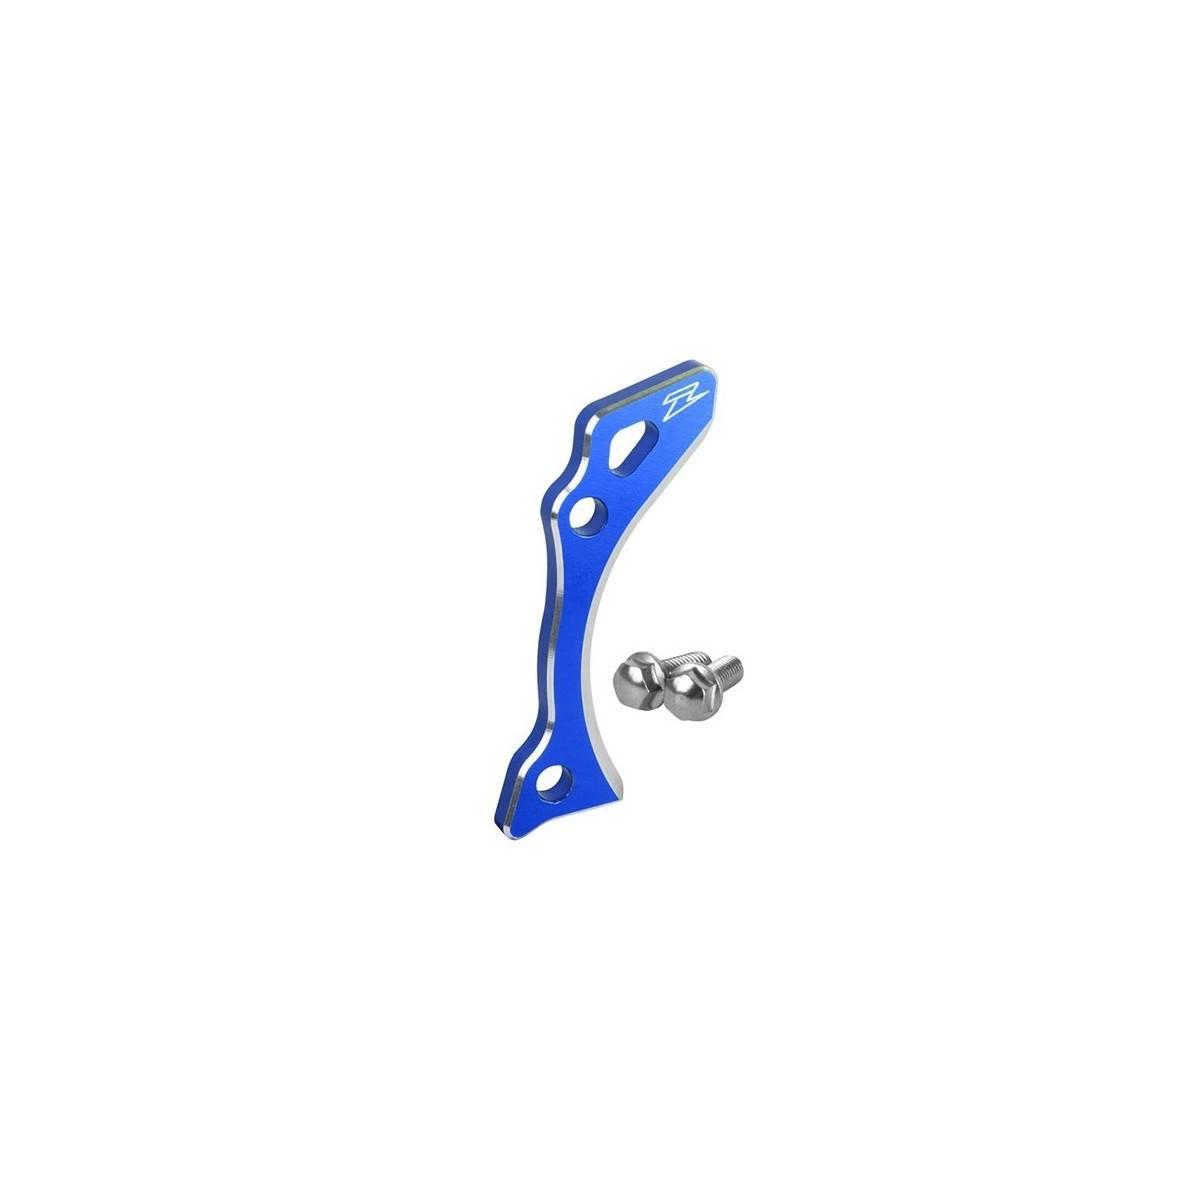 ZE80.7306 - Protector Caja Zeta Yz125´06-, Yz125X´17 Azul